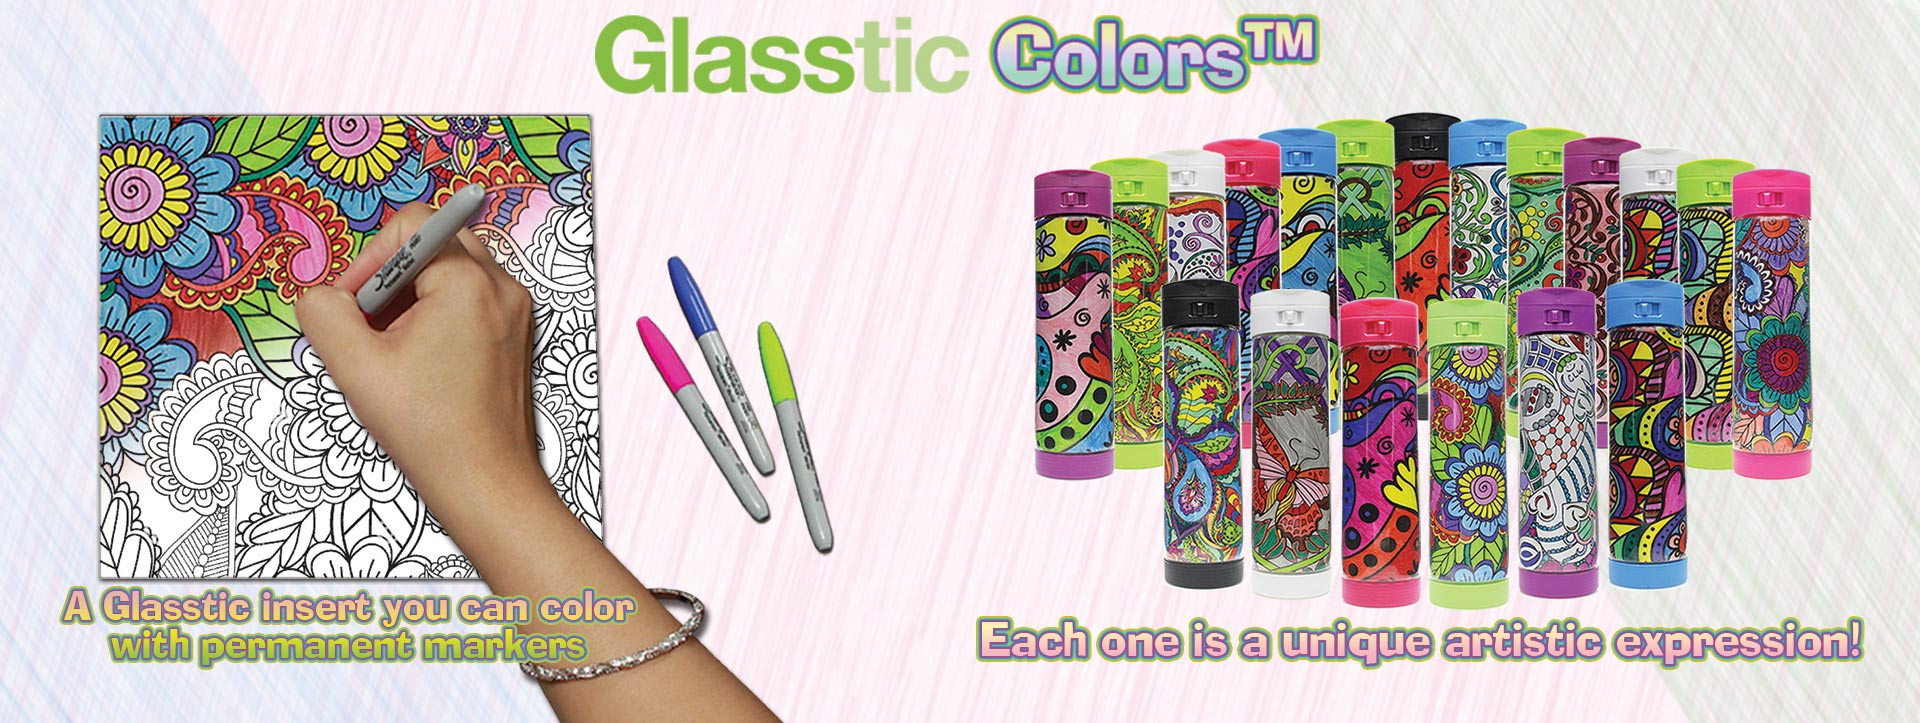 Glasstic Colors??